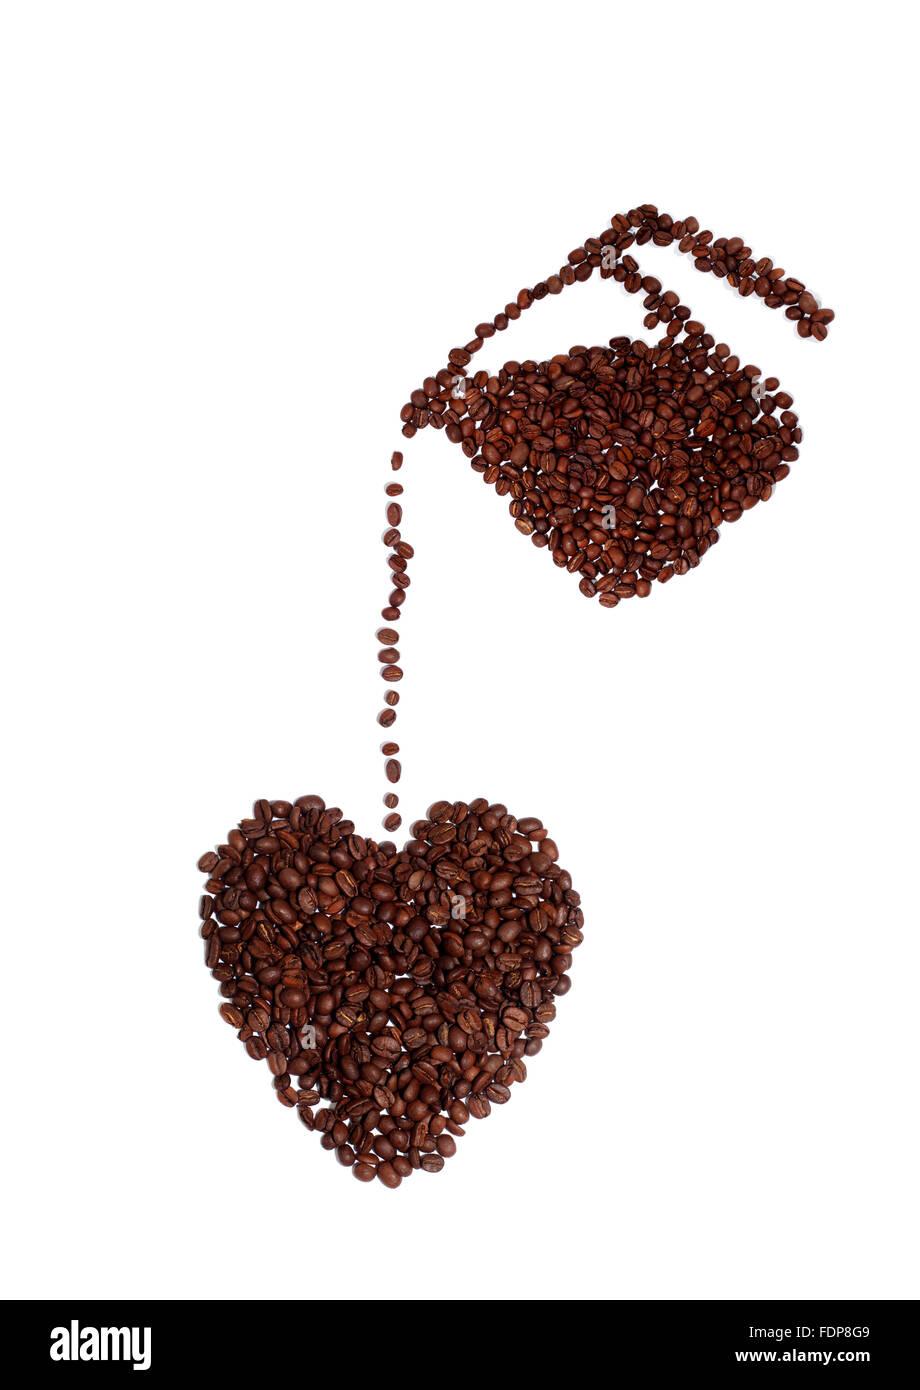 Studioaufnahme von einem Kaffee-Liebhaber Herz gemacht von Kaffeebohnen Stockbild